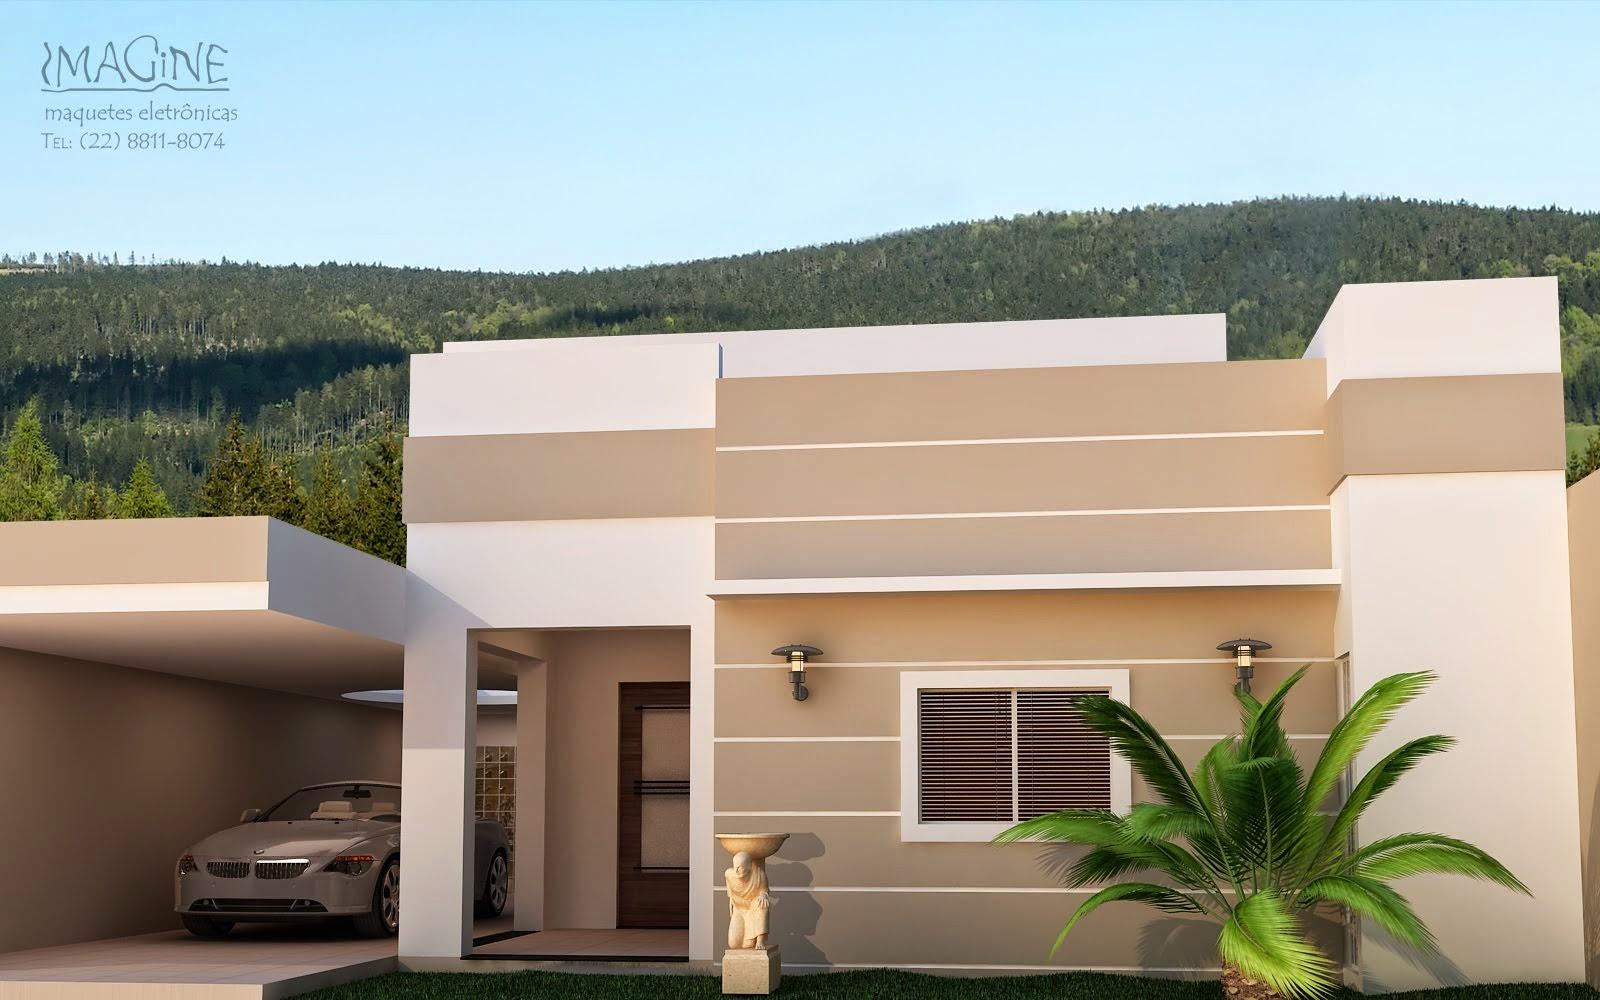 Fachadas de casas pequenas bonitas e modernas blog for Fachadas de apartamentos modernas